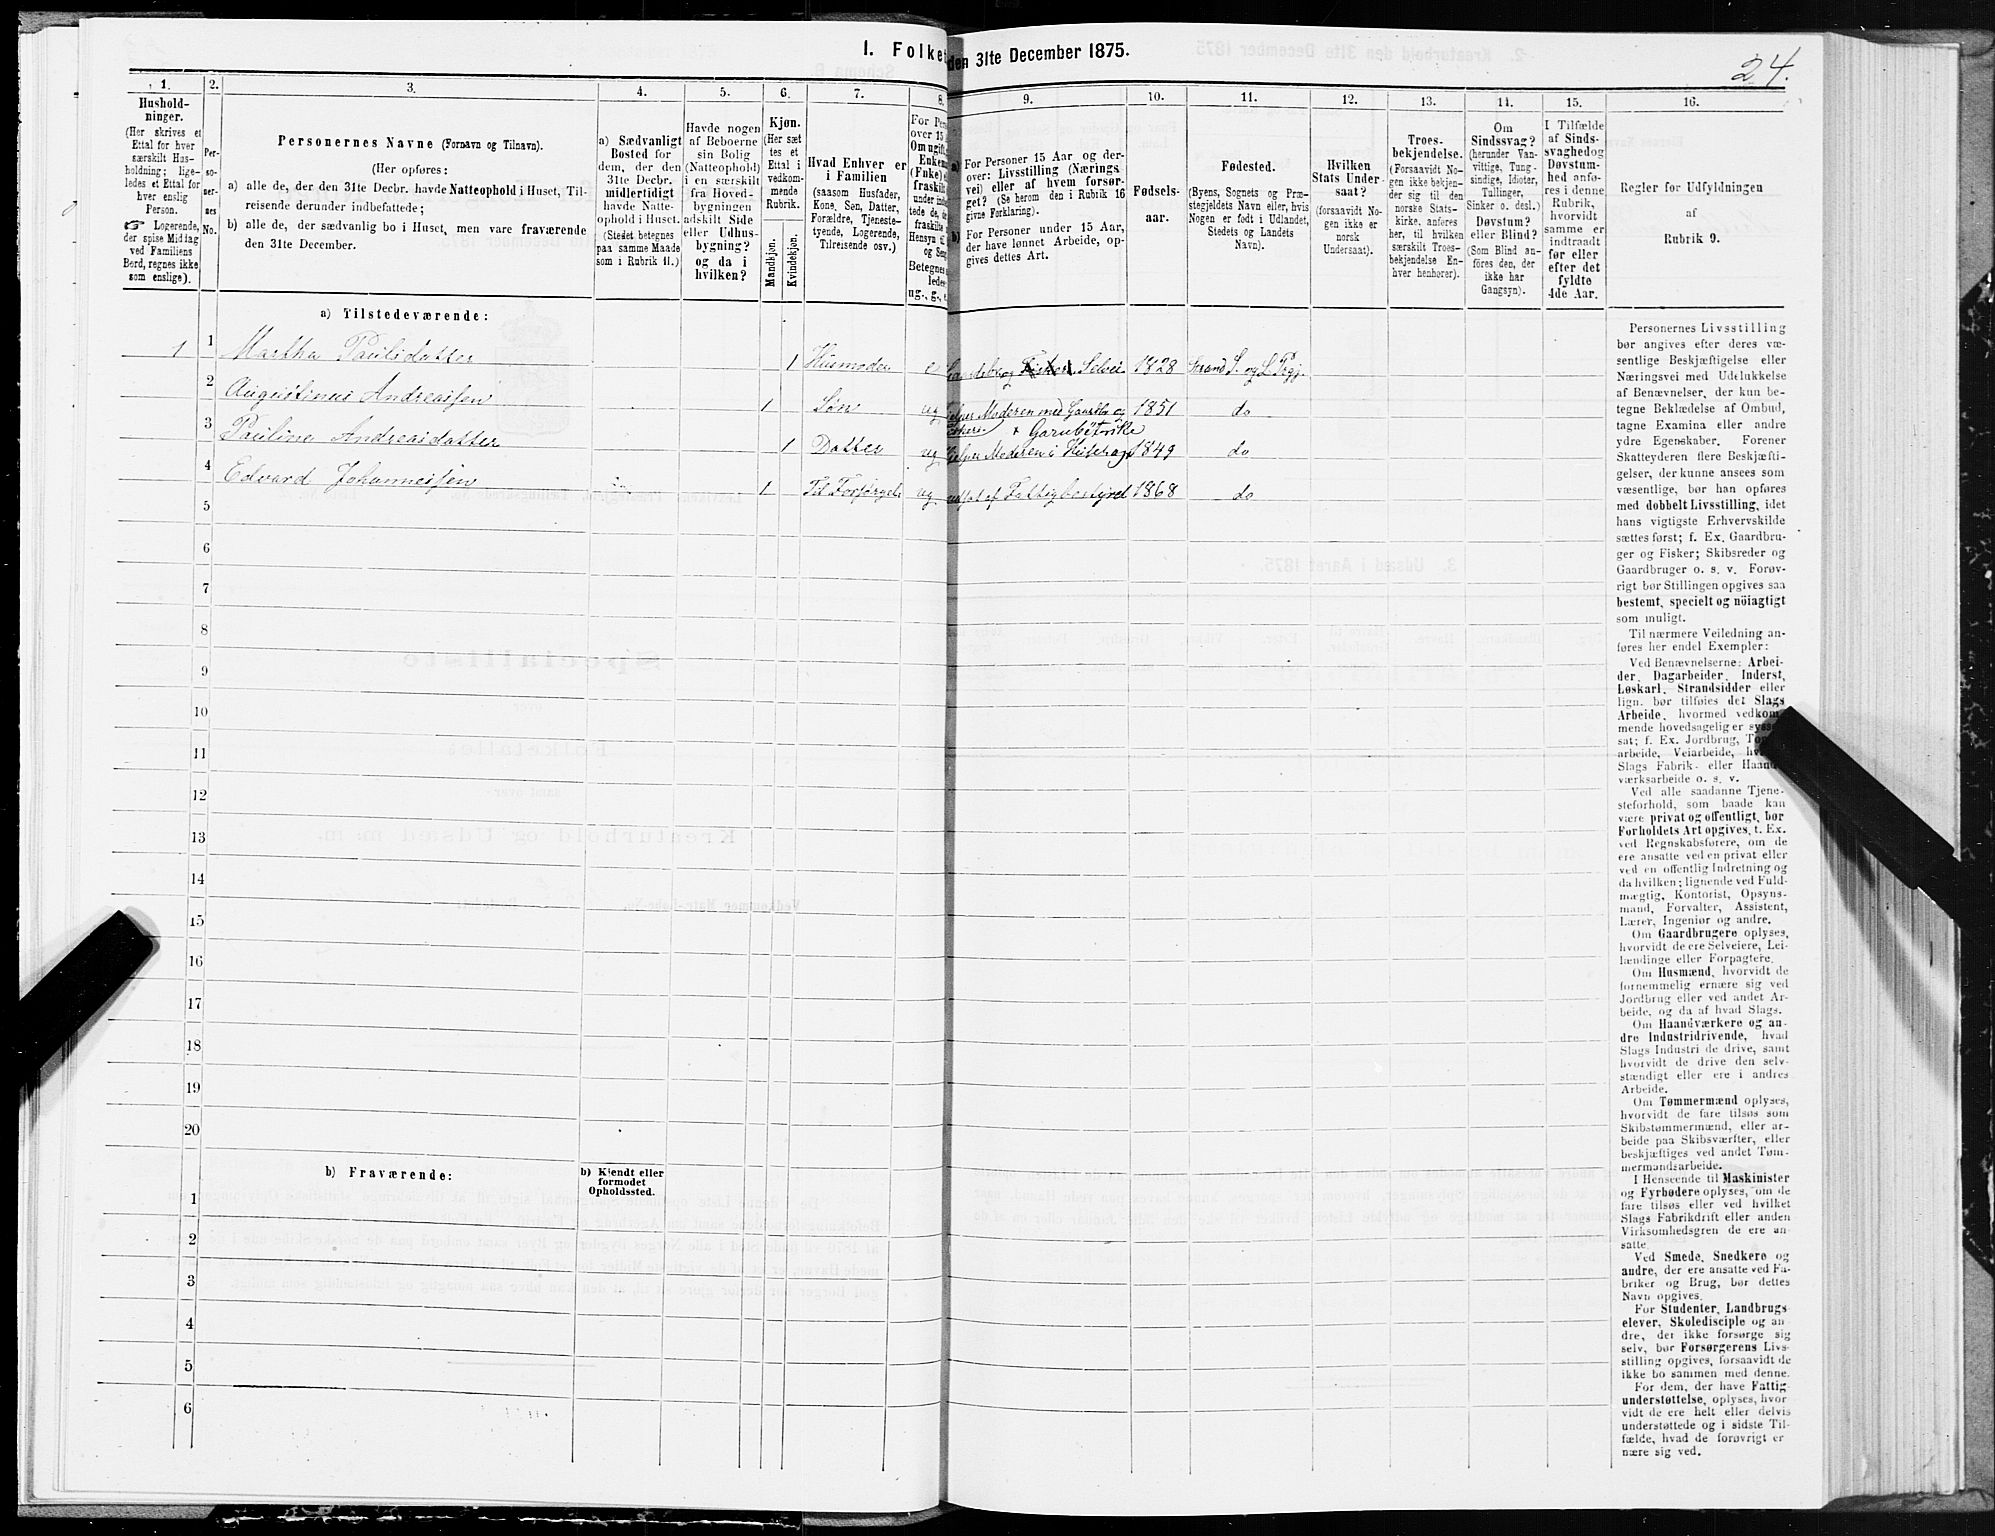 SAT, Folketelling 1875 for 1718P Leksvik prestegjeld, 1875, s. 3024